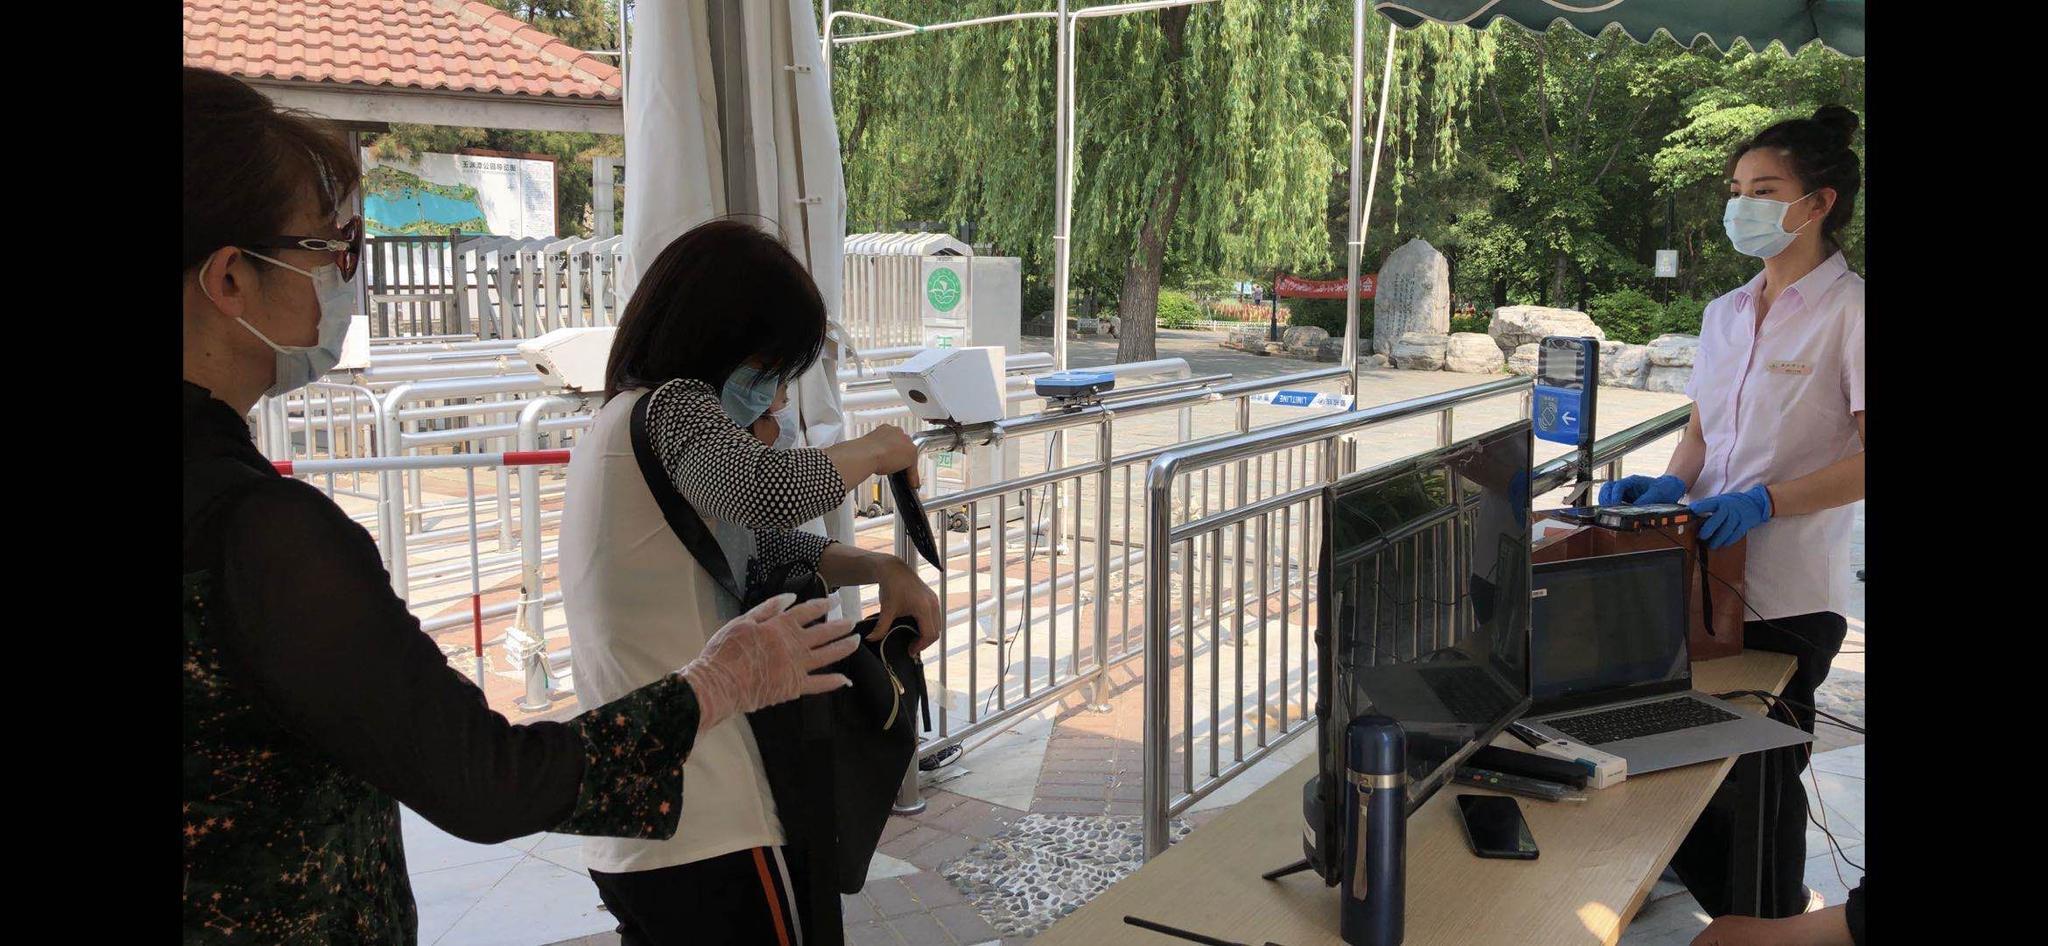 「摩天登录」提前预约玉渊潭公园西2门摩天登录一小图片